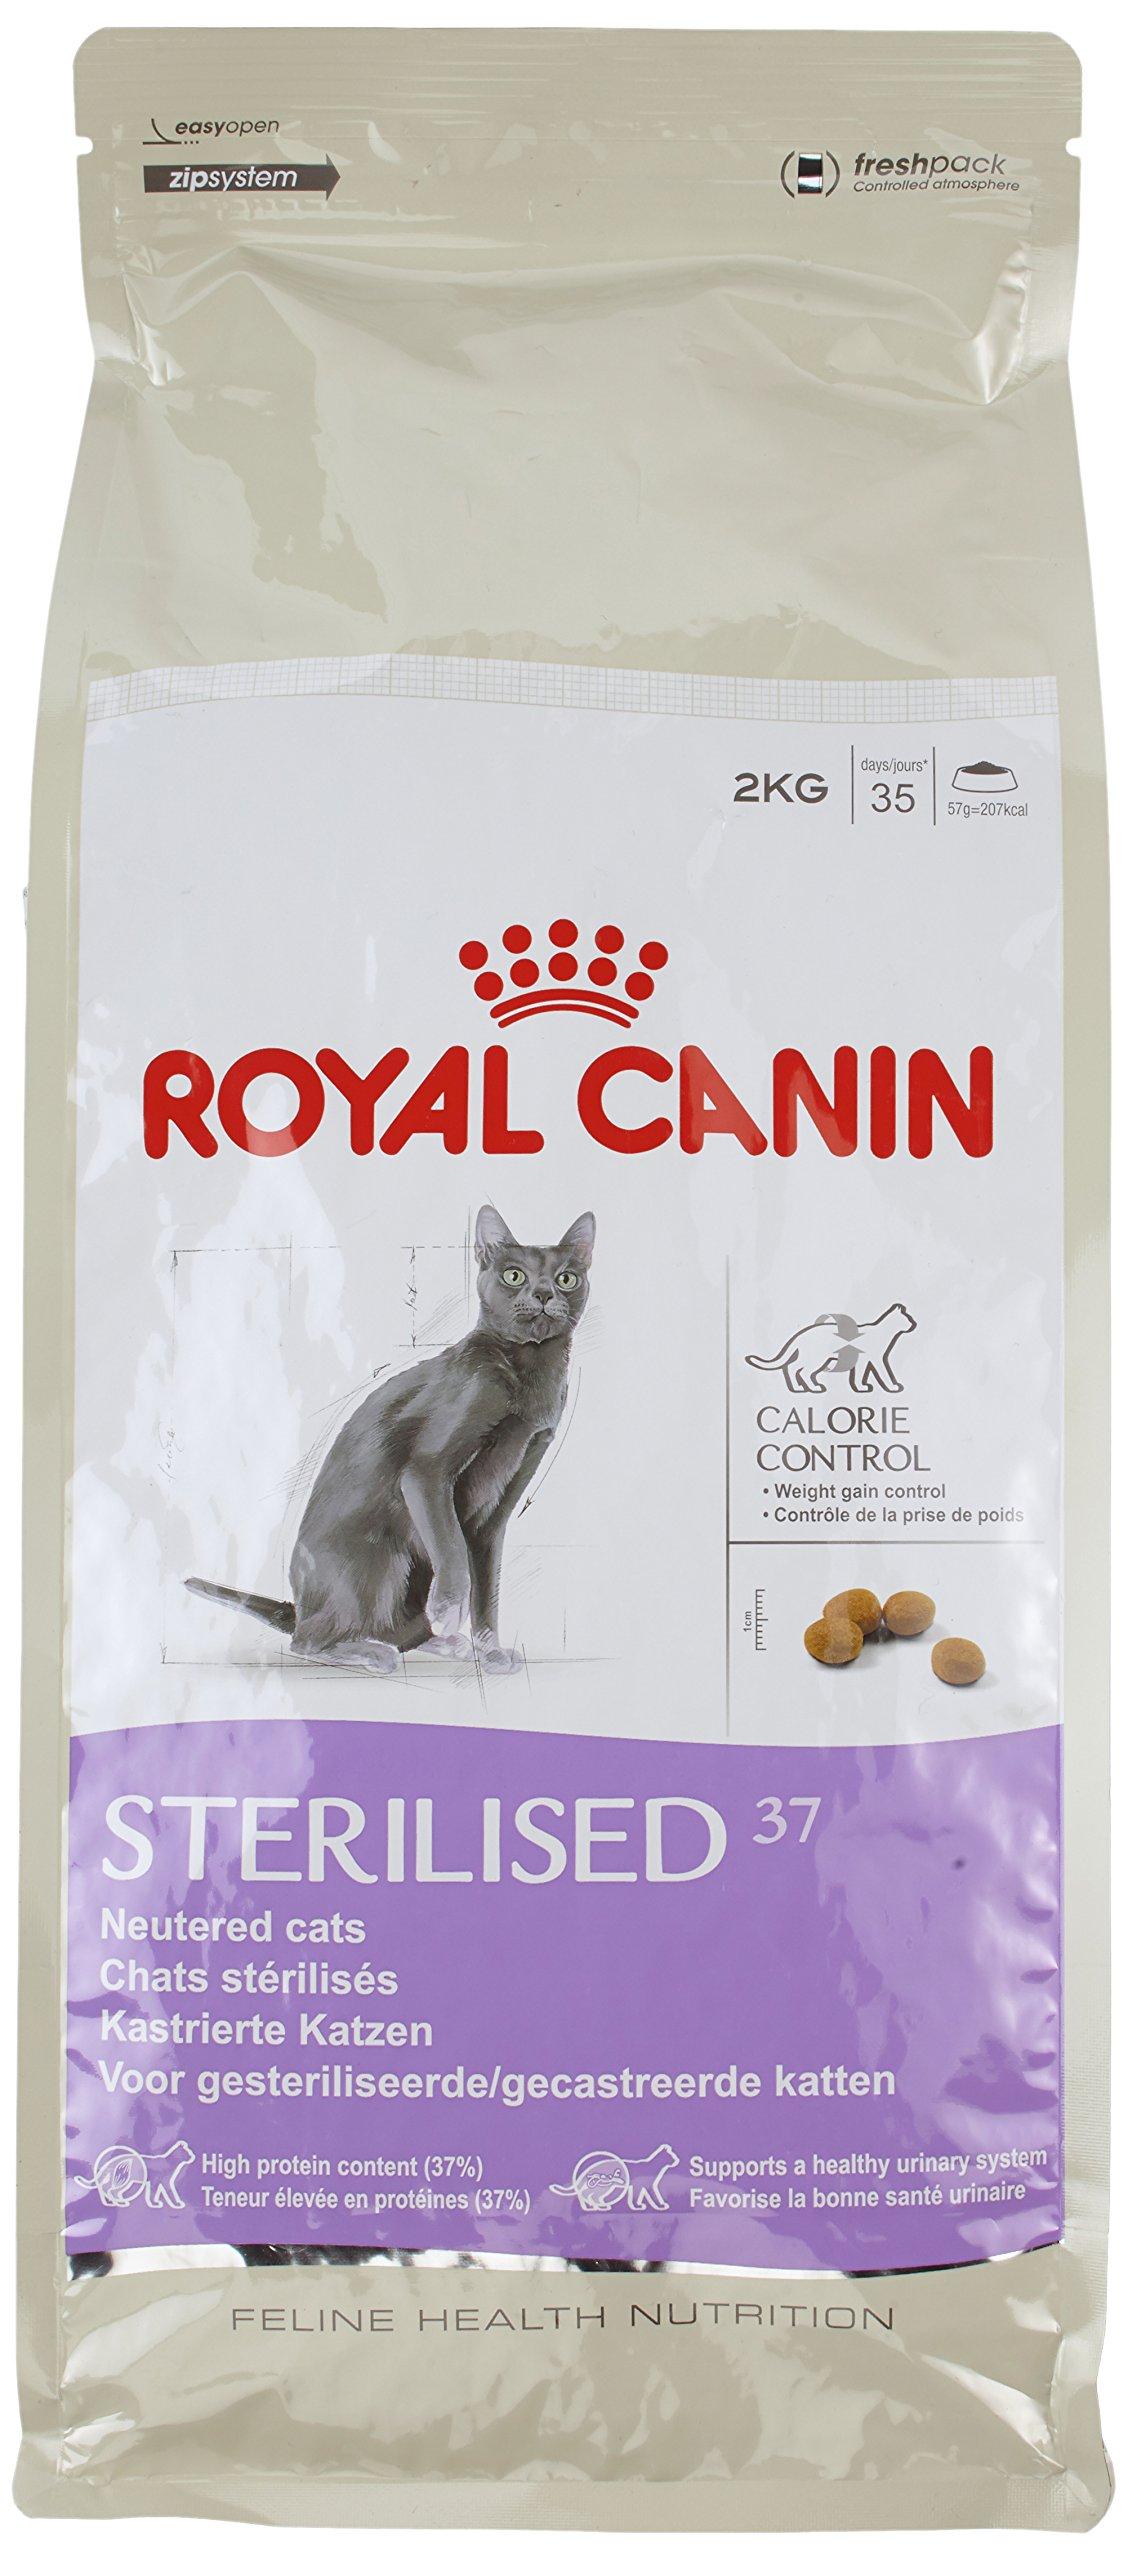 ROYAL CANIN Alimento para Gatos Sterilised 37-2 kg product image